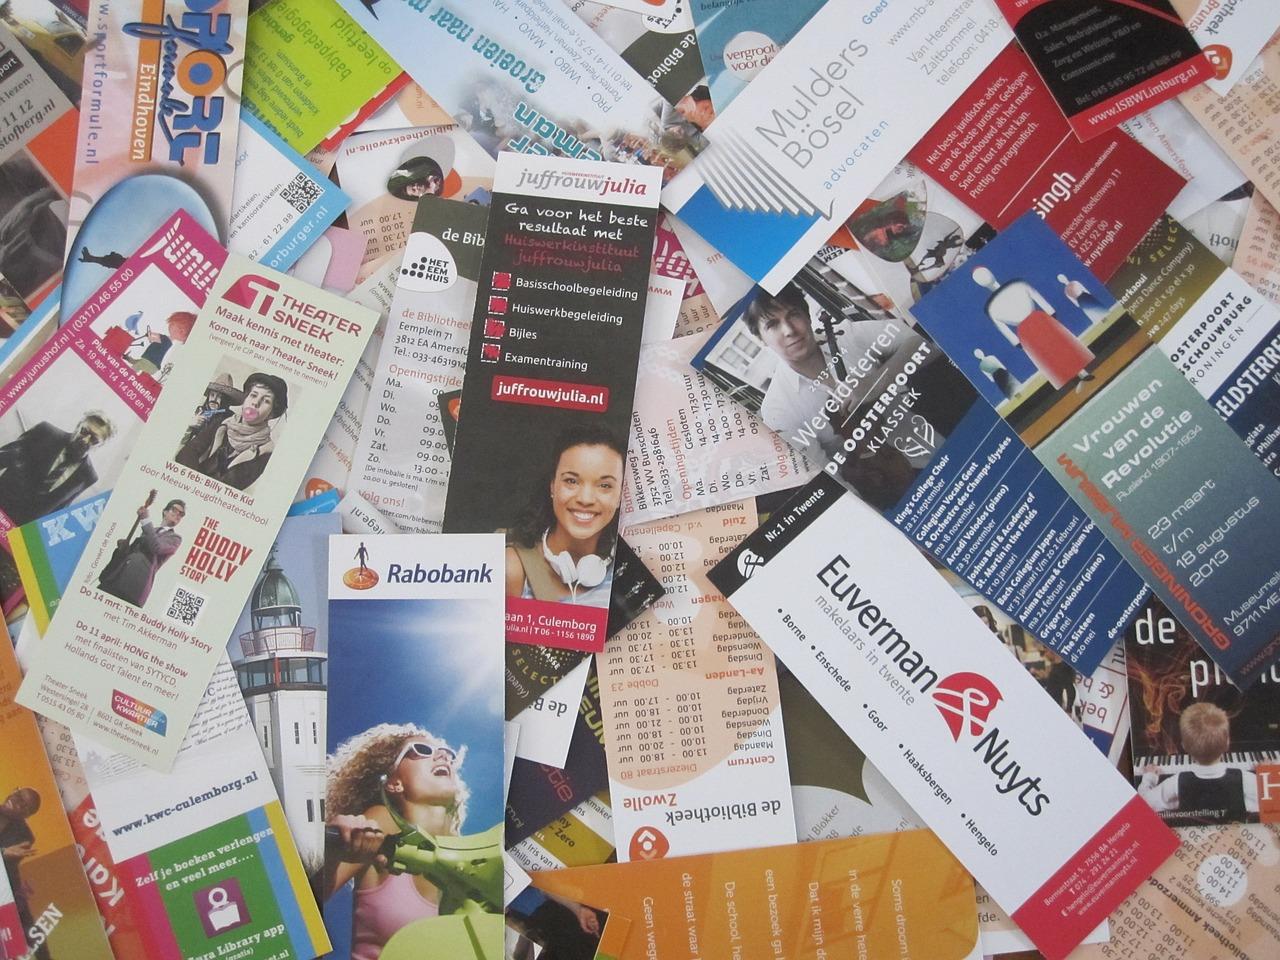 Werbeartikel für dein Buch - Geldverschwendung?